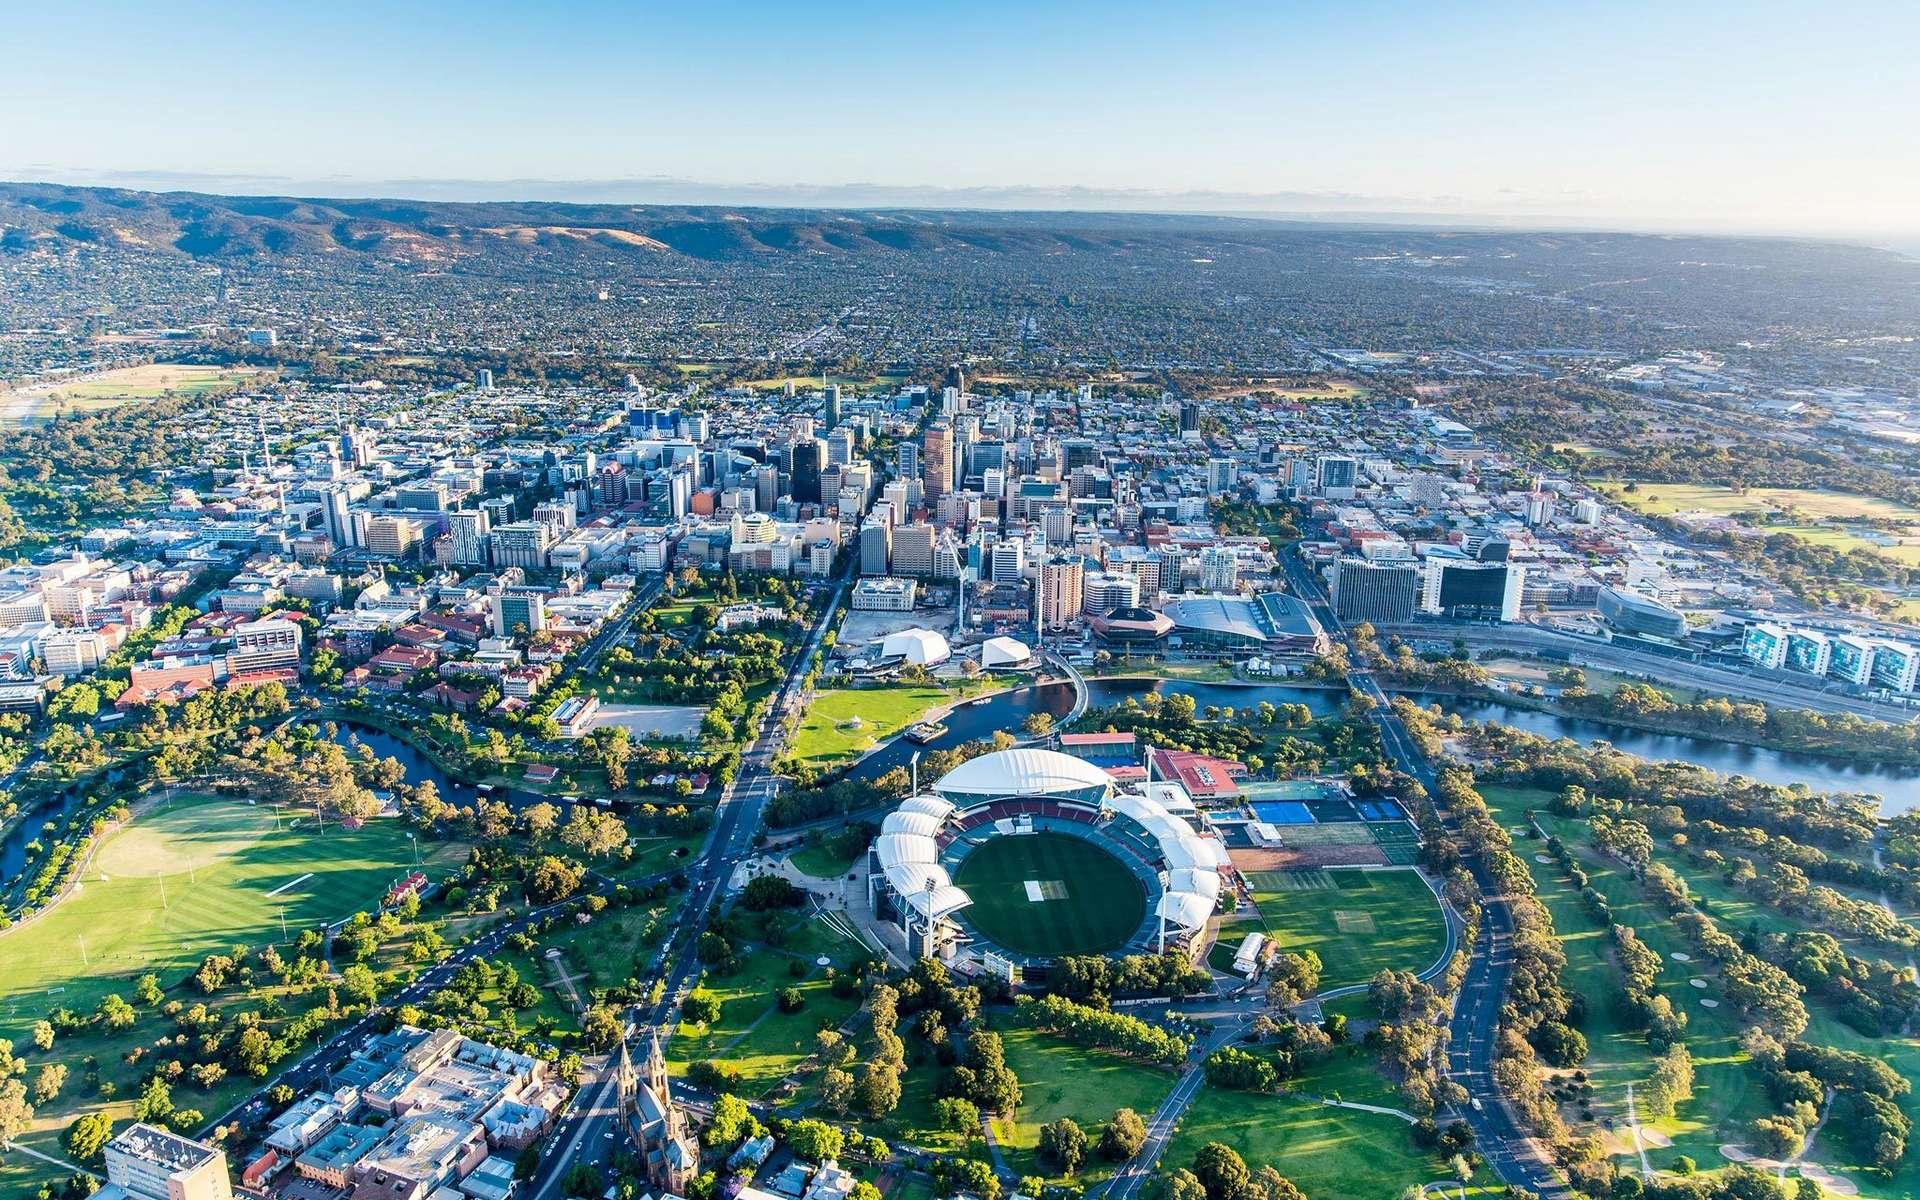 L'Australie-Méridionale compte plus d'un million d'habitants. © AirbornePhotography.com.au